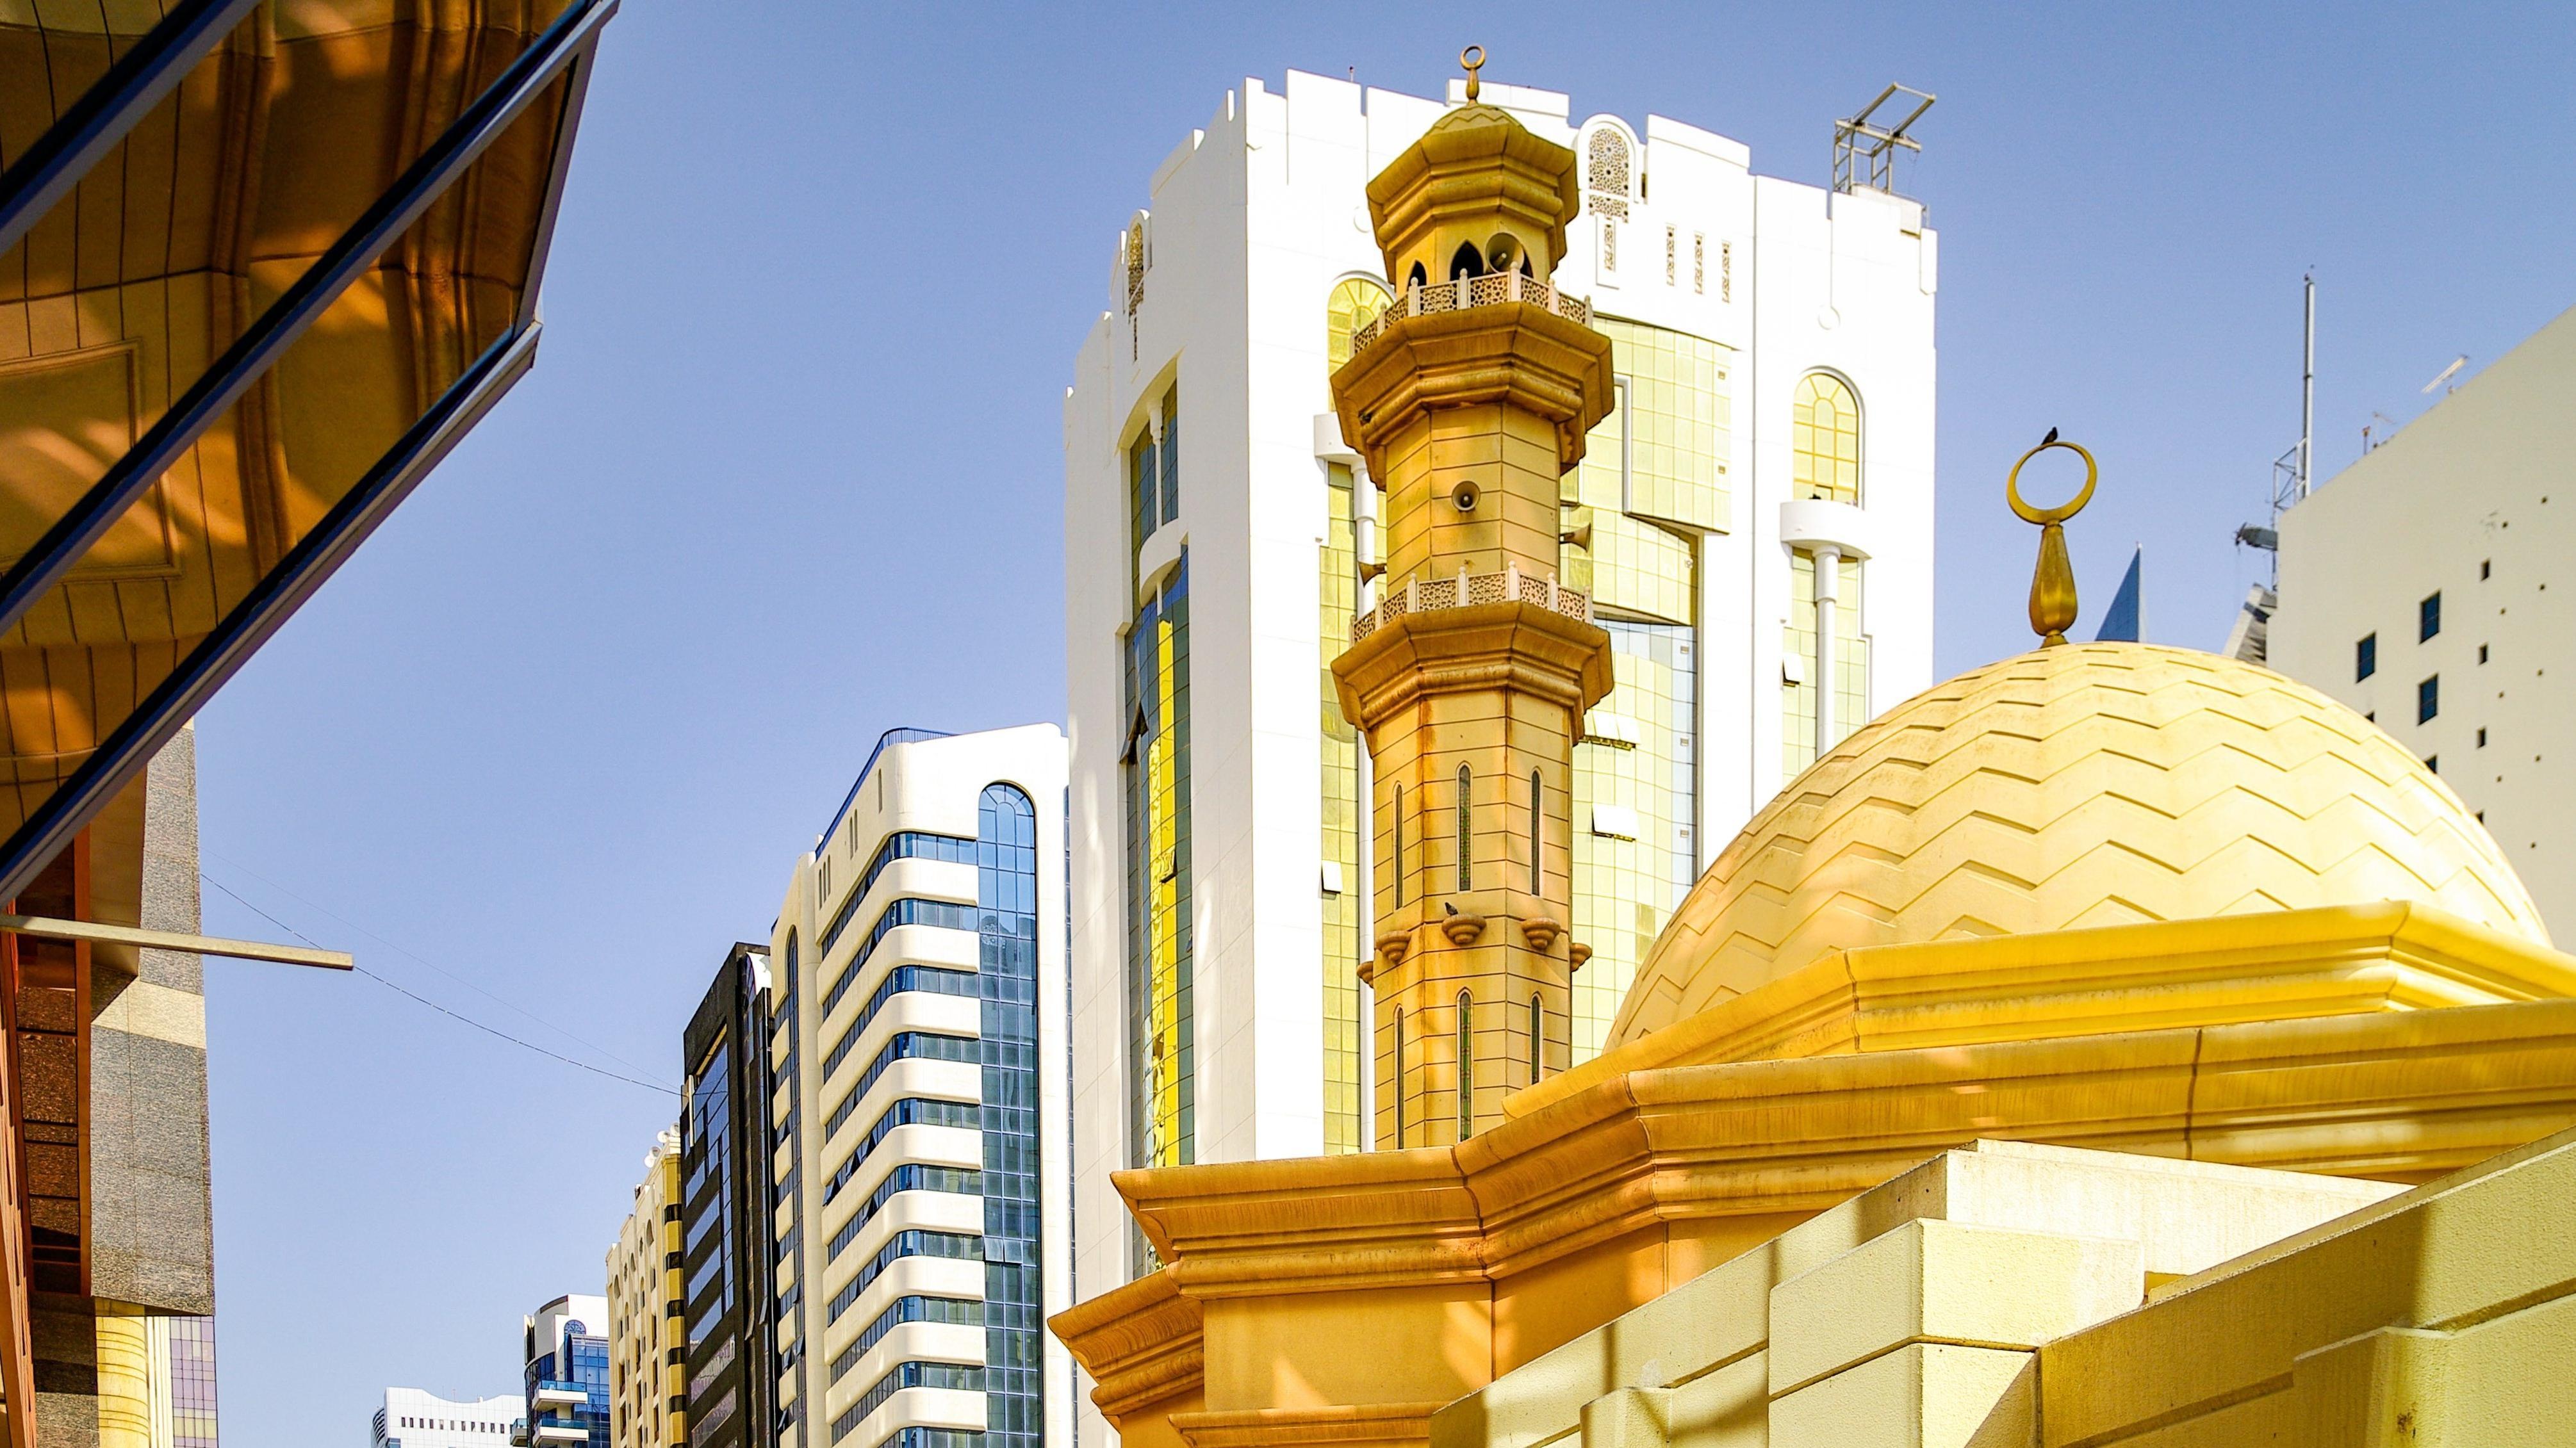 Eine kleine Moschee steht inmitten von Hochhäusern der architektonisch hochmodernen Metropole Abu Dhabi.